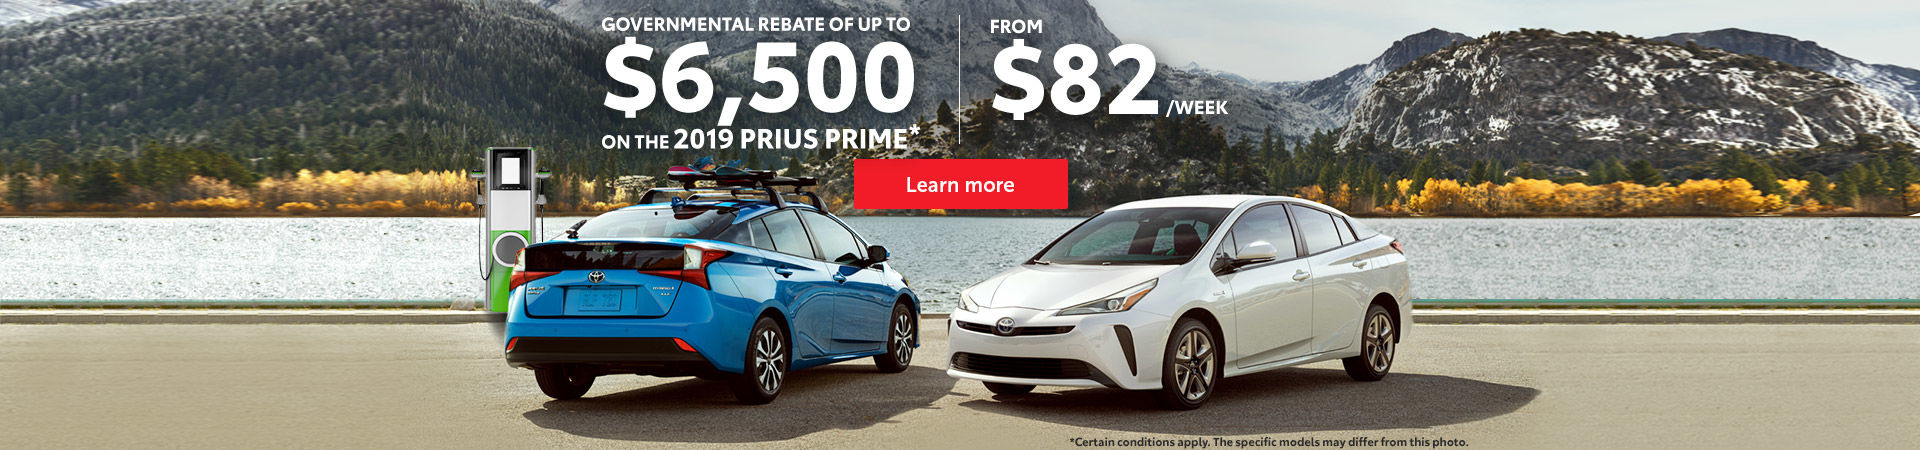 Governmental rebate - 2019 Prius Prime